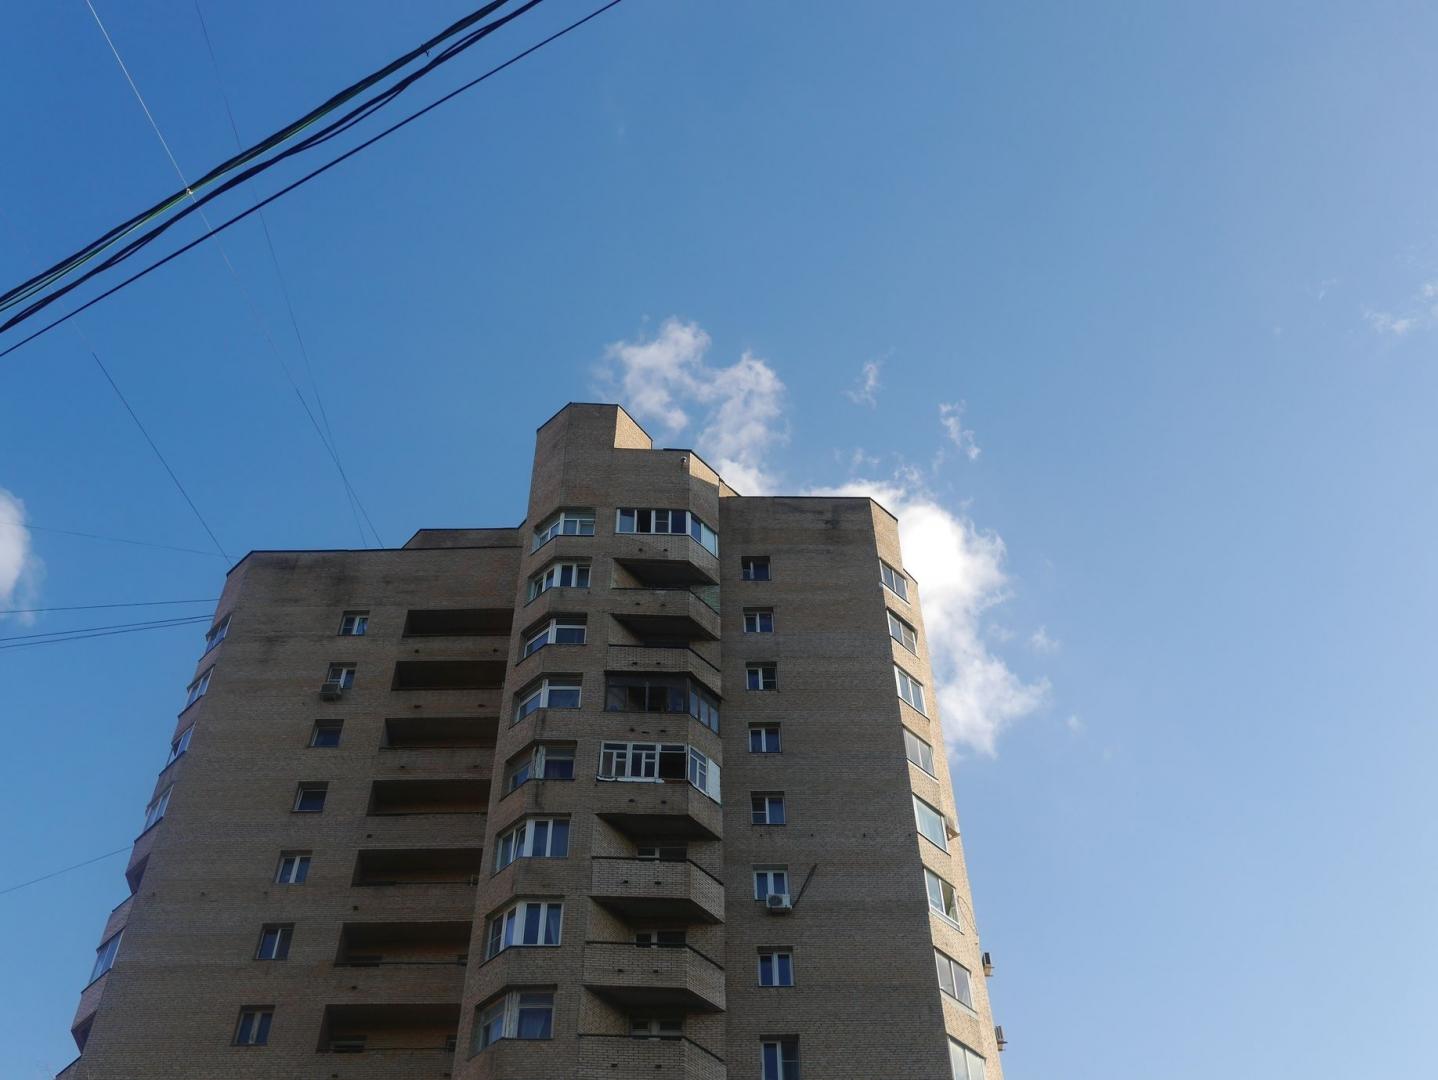 Не индивидуальный, но растиражированный только комплексом на Ленинградском шоссе и в Голицыно, тип башни